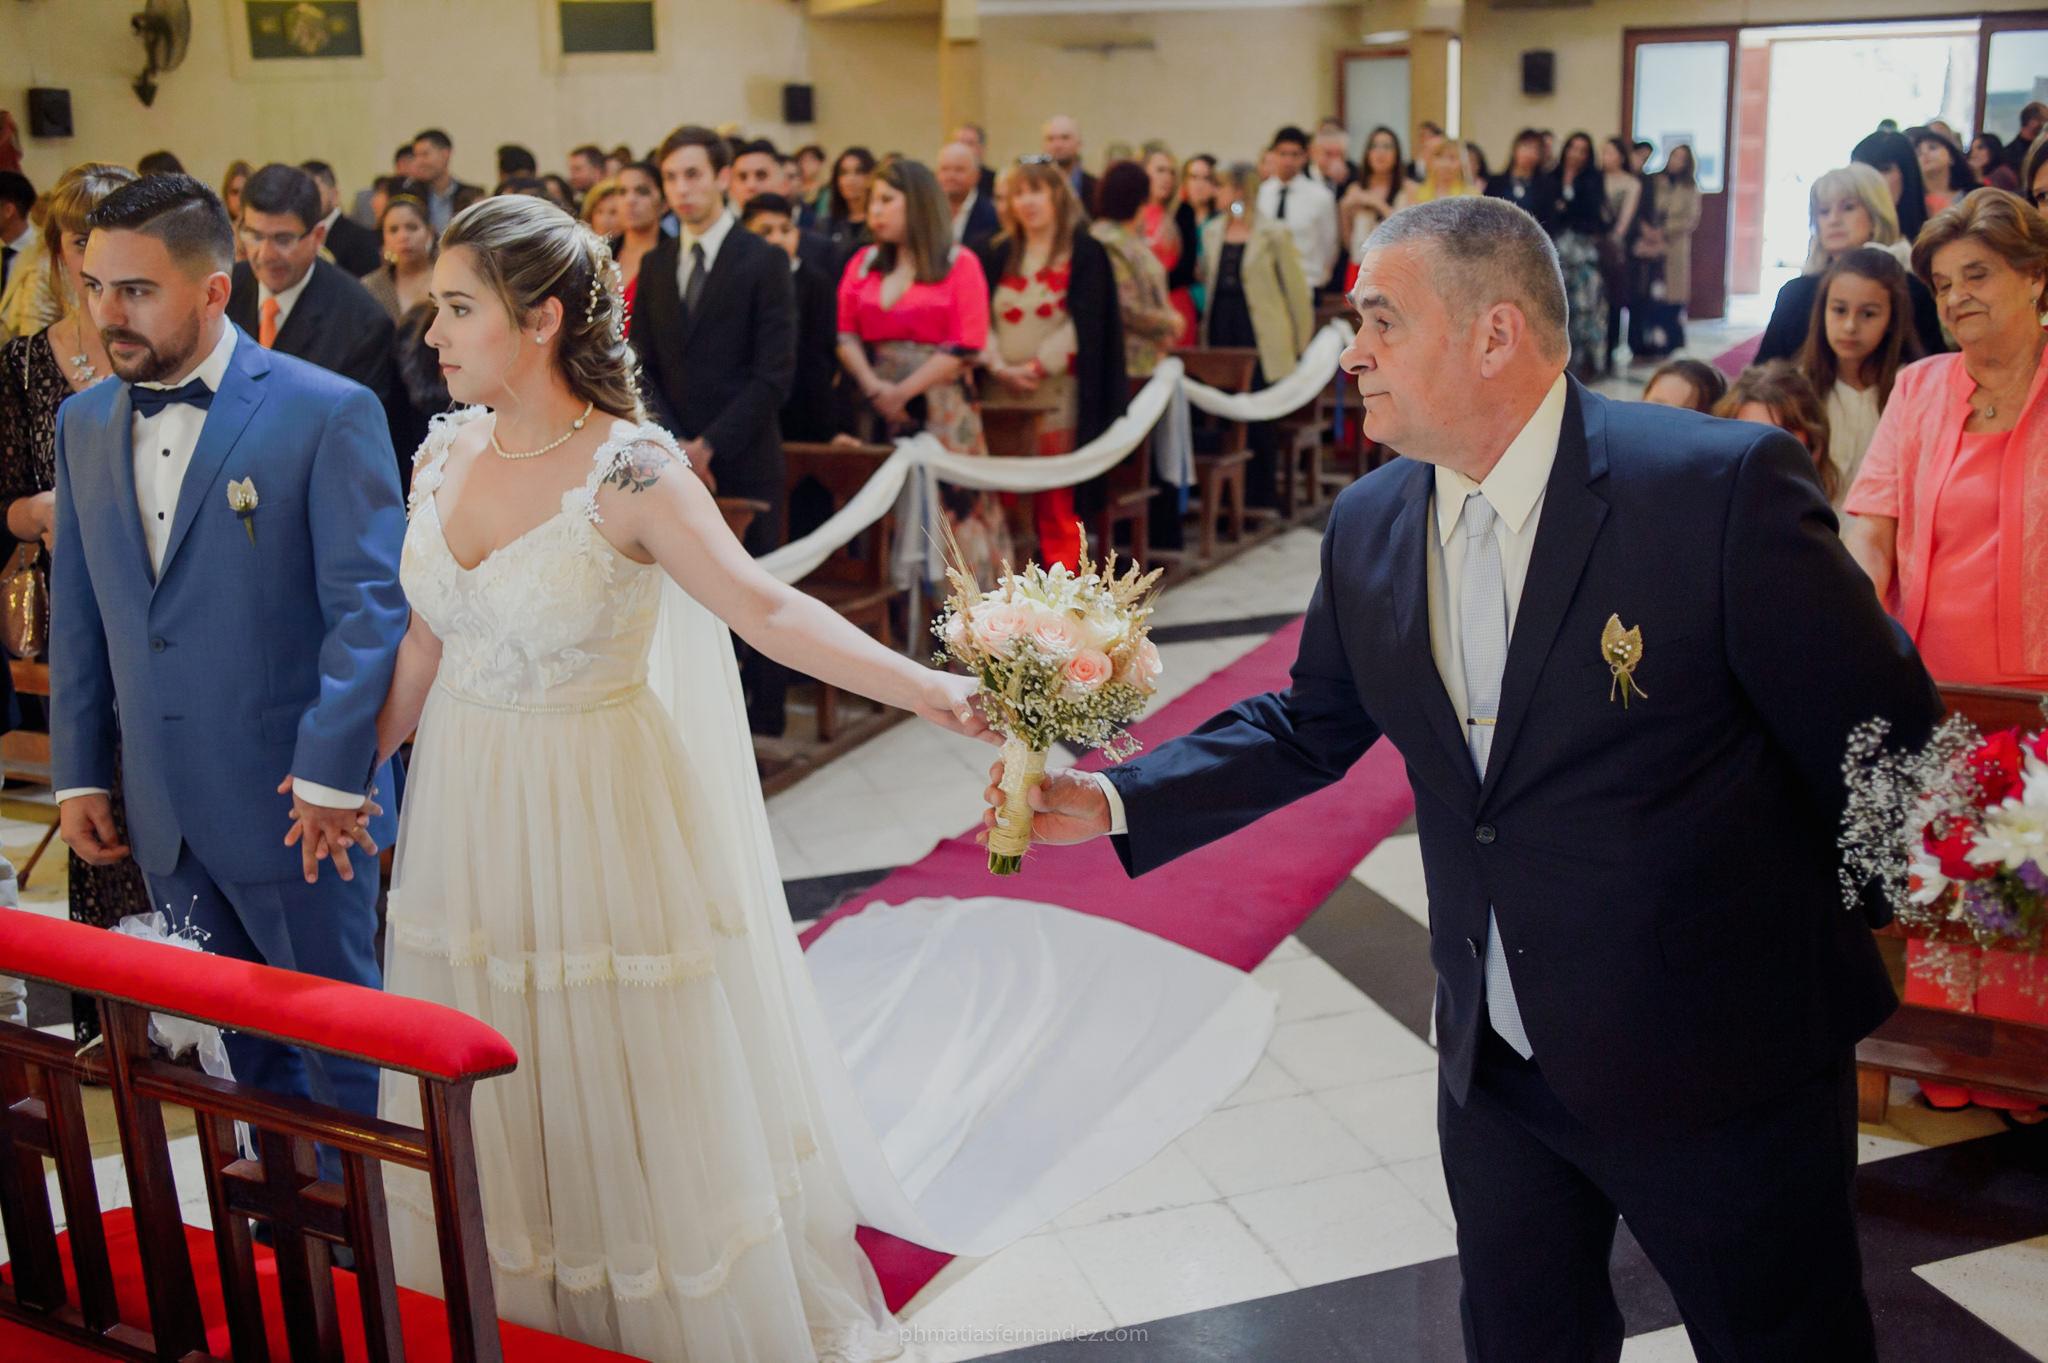 matias fernandez, fotografo de bodas, phmatiasfernandez.com